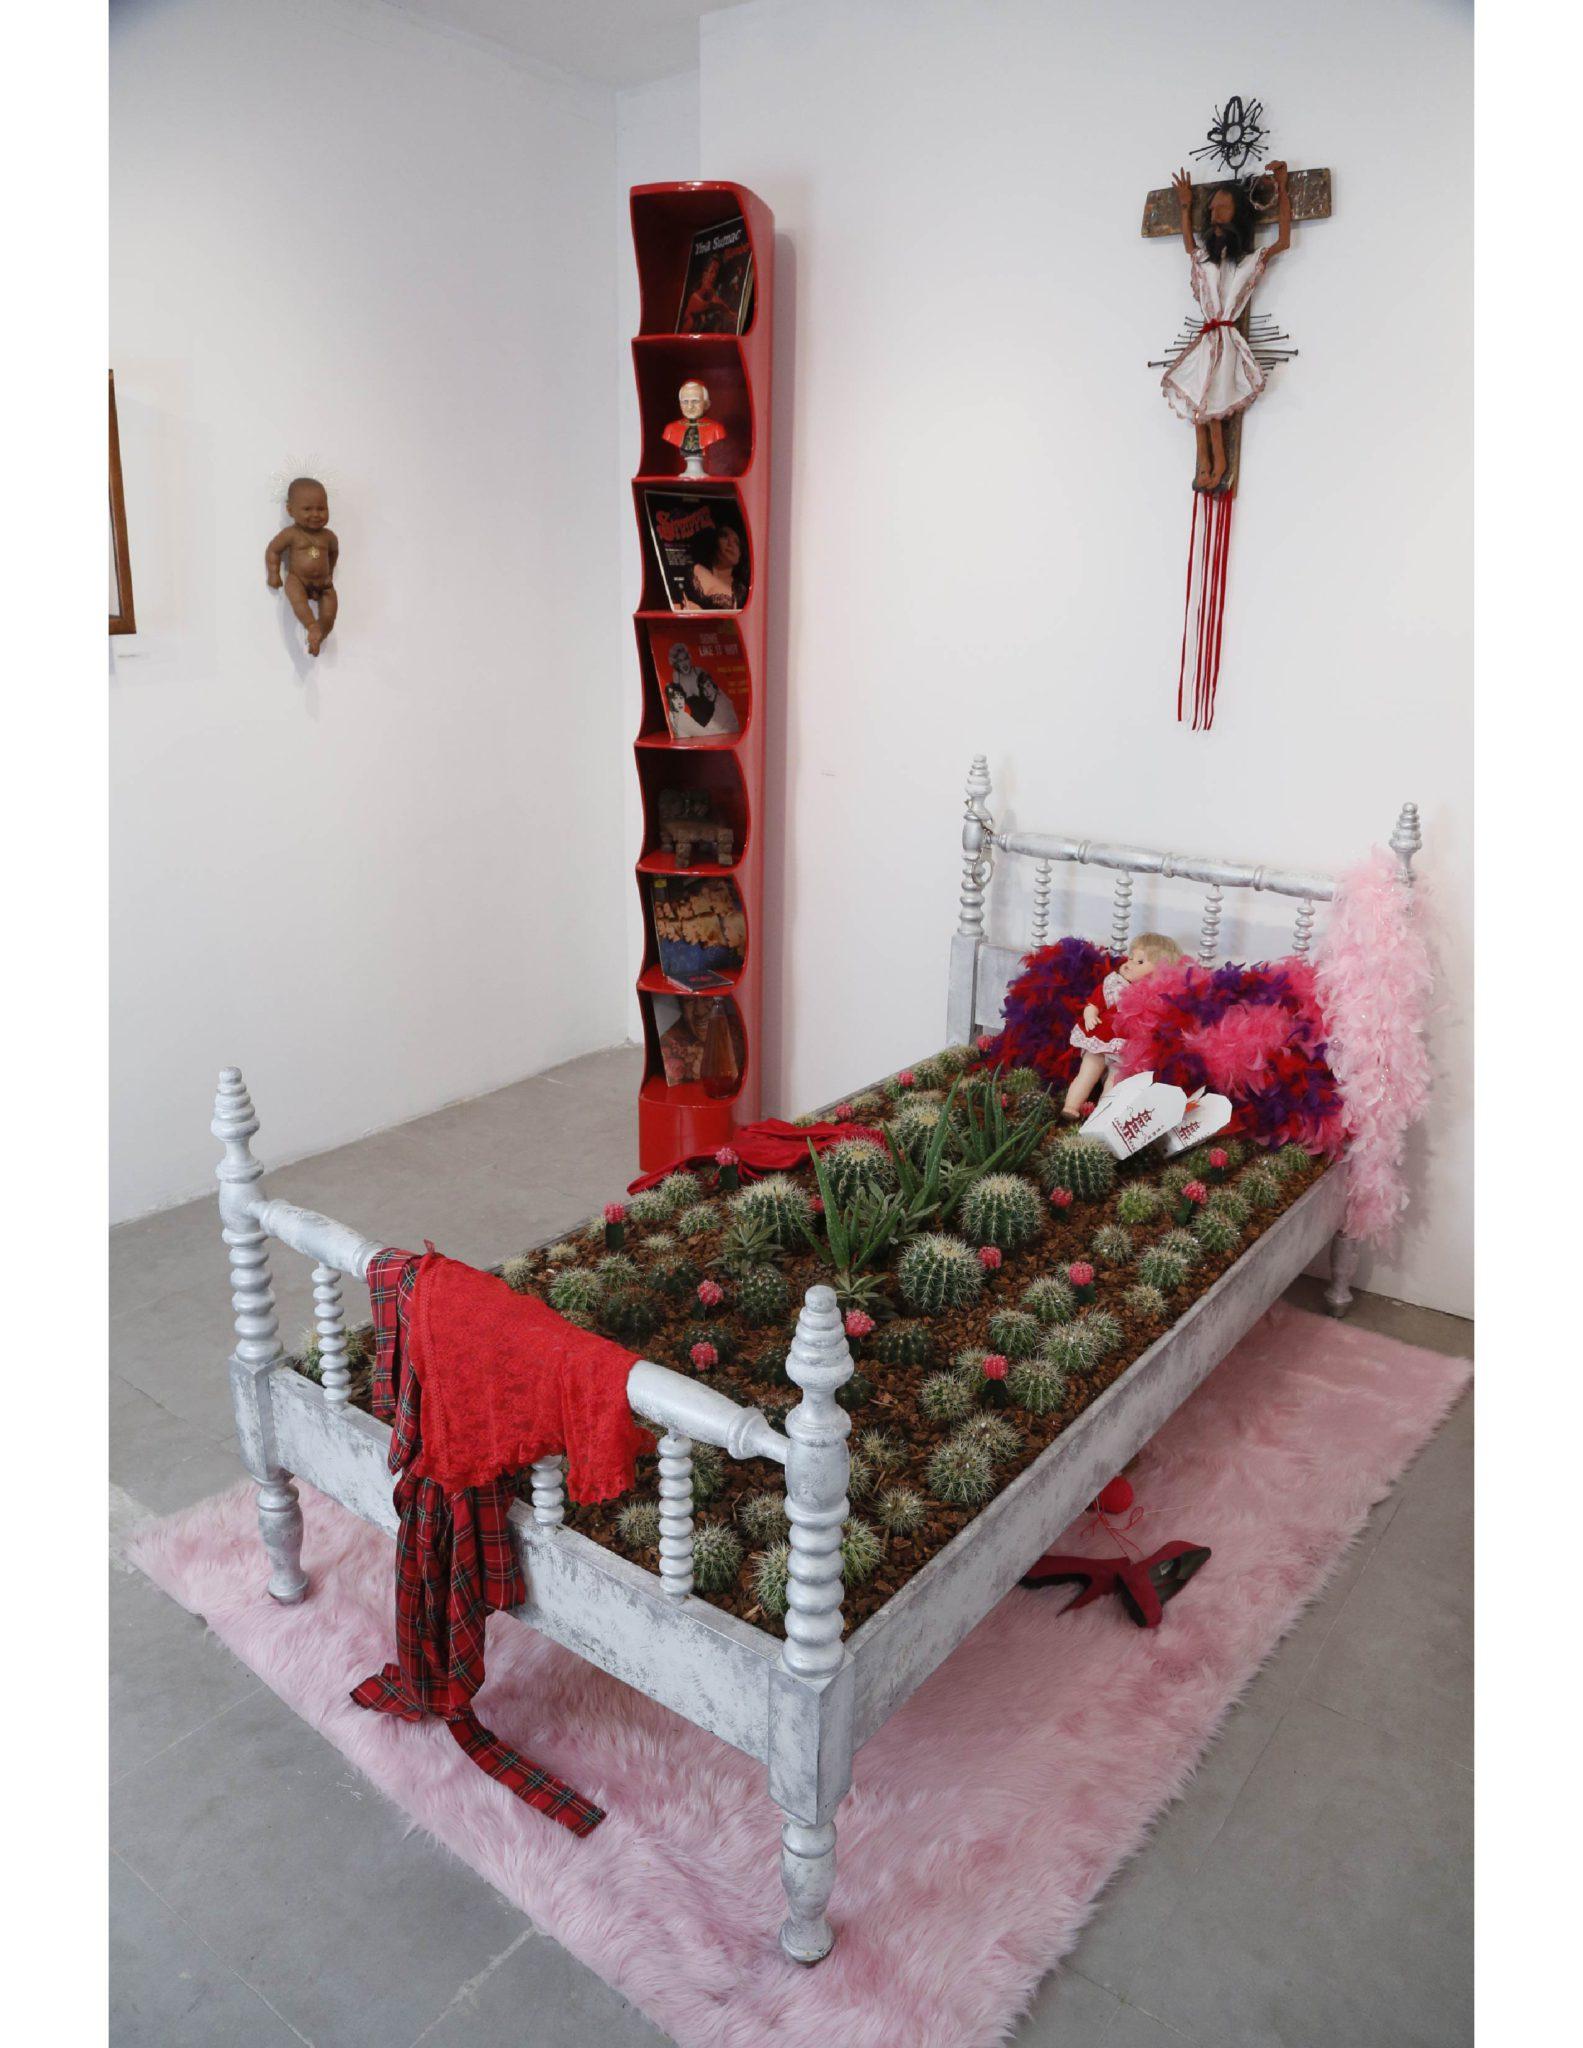 Cactus Bed Confessions